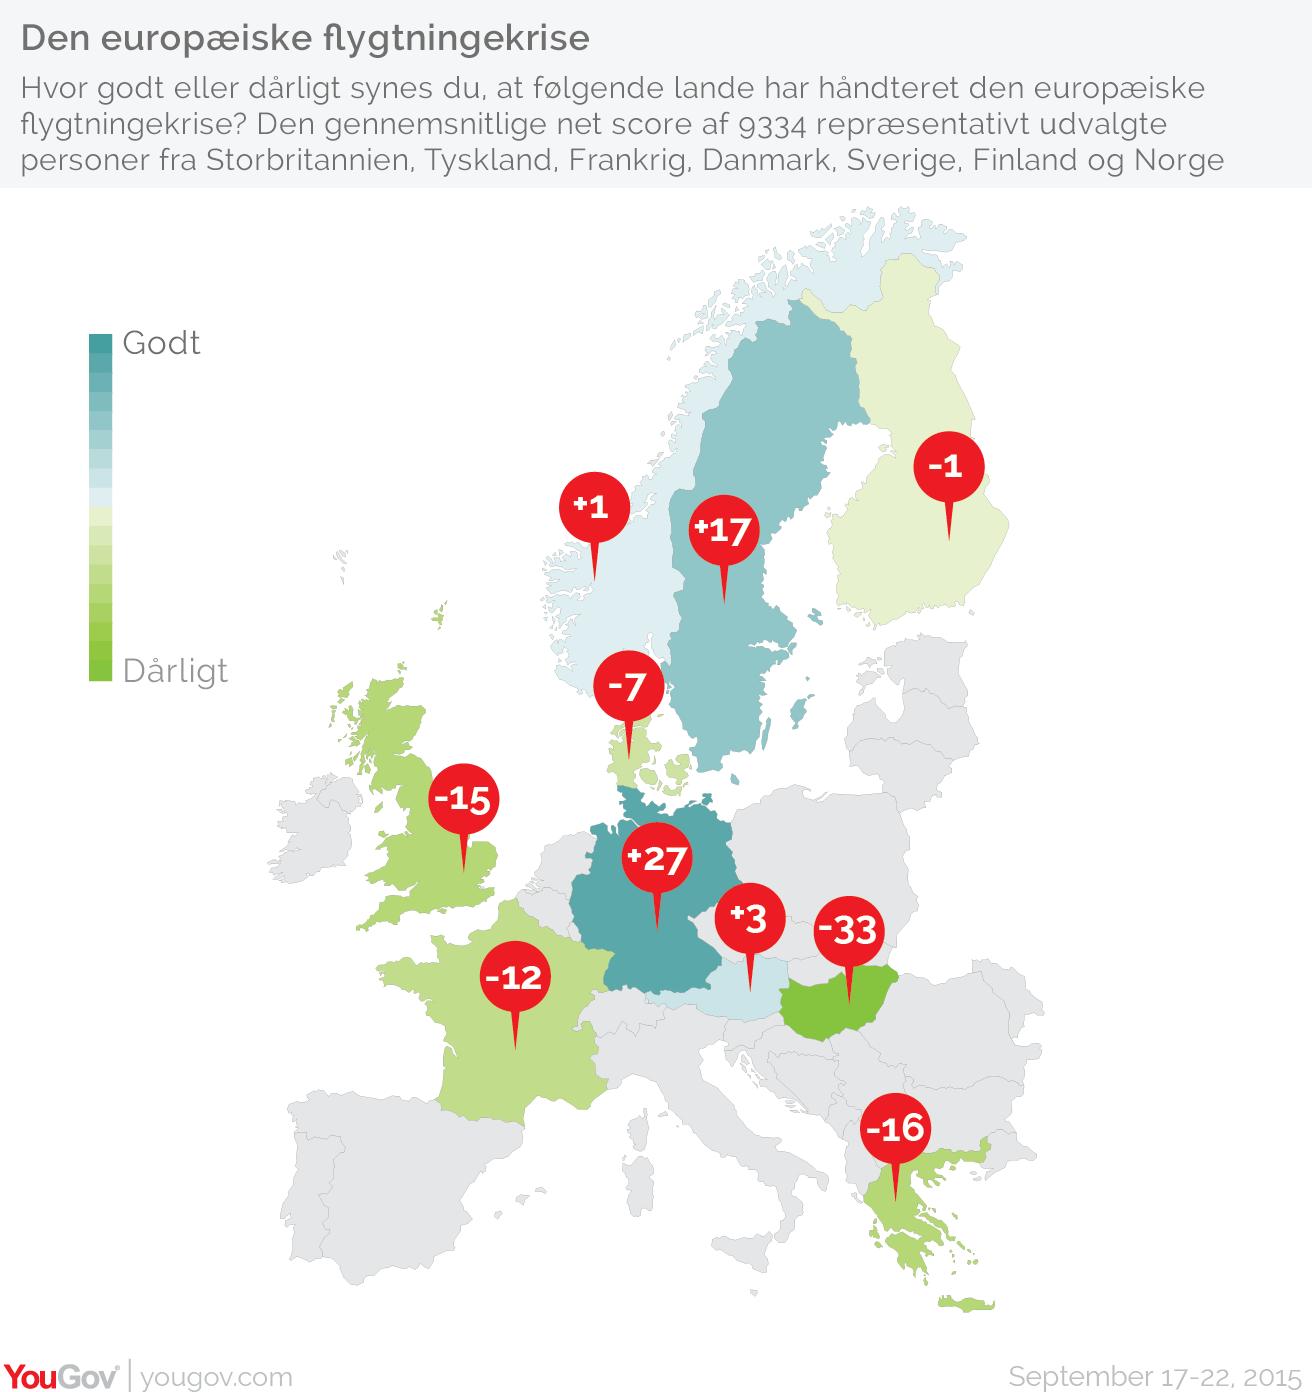 Undersøgelser fra syv europæiske lande afslører opfattelsen af Europas håndtering af flygtningekrisen